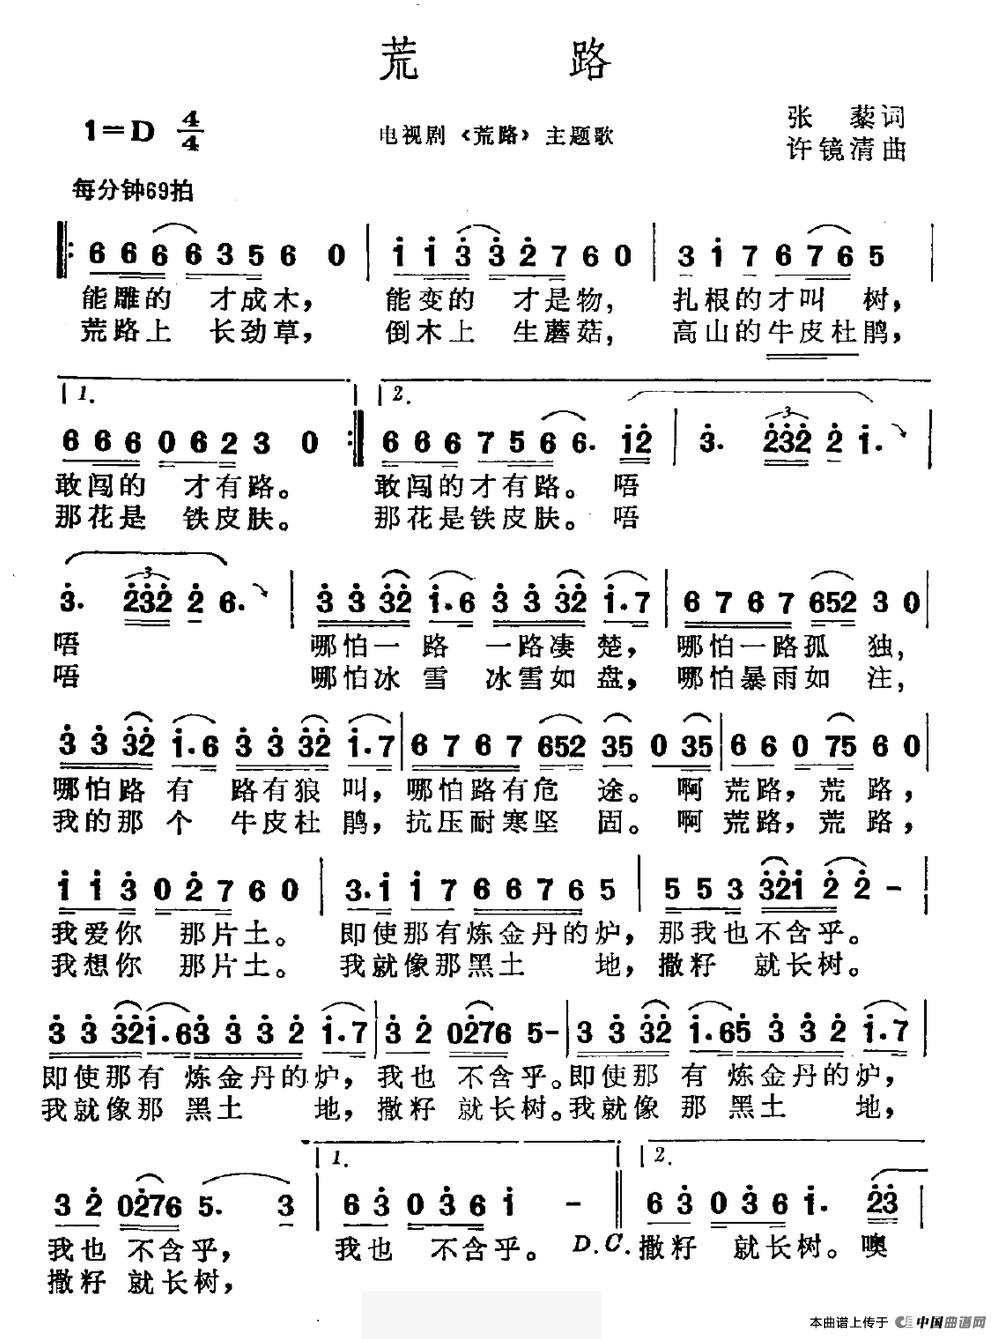 主是道路歌谱- 主题曲 通俗曲谱 中国曲谱网